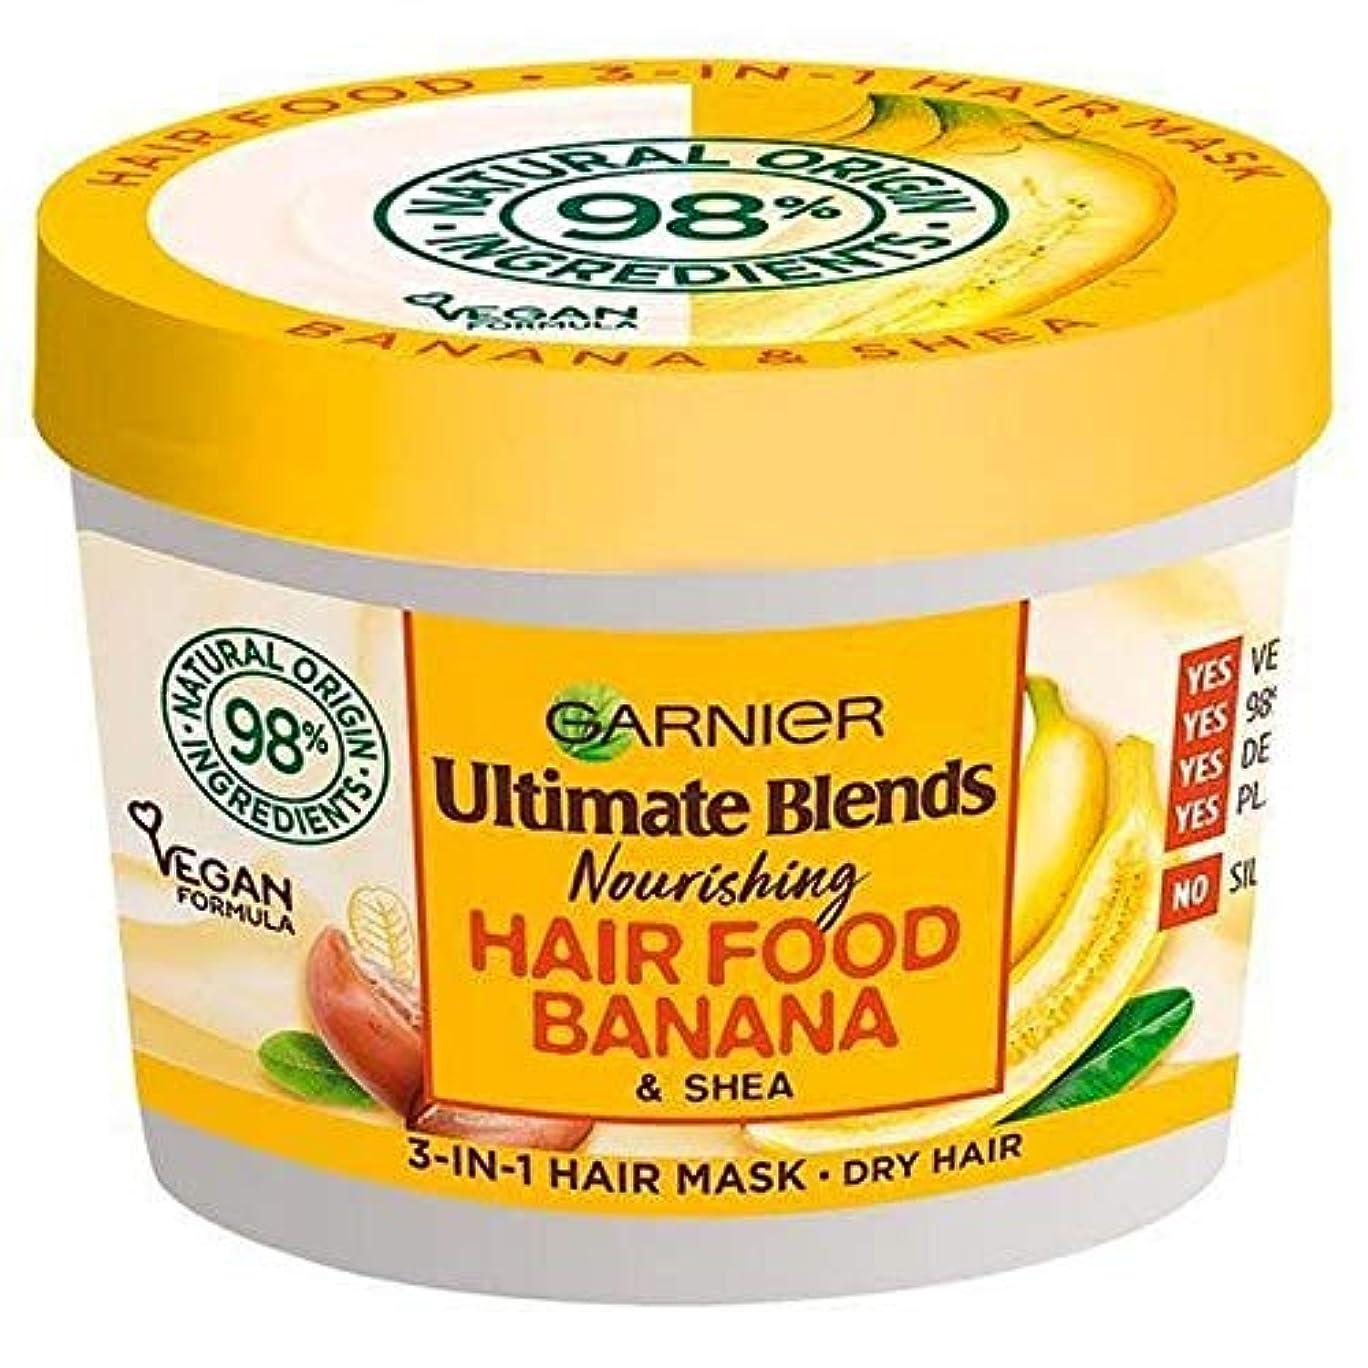 マナーチャペルサイレント[Garnier ] ガルニエ究極は1つのマスク390ミリリットルでヘア食品バナナ3をブレンド - Garnier Ultimate Blends Hair Food Banana 3 in 1 Mask 390ml [...